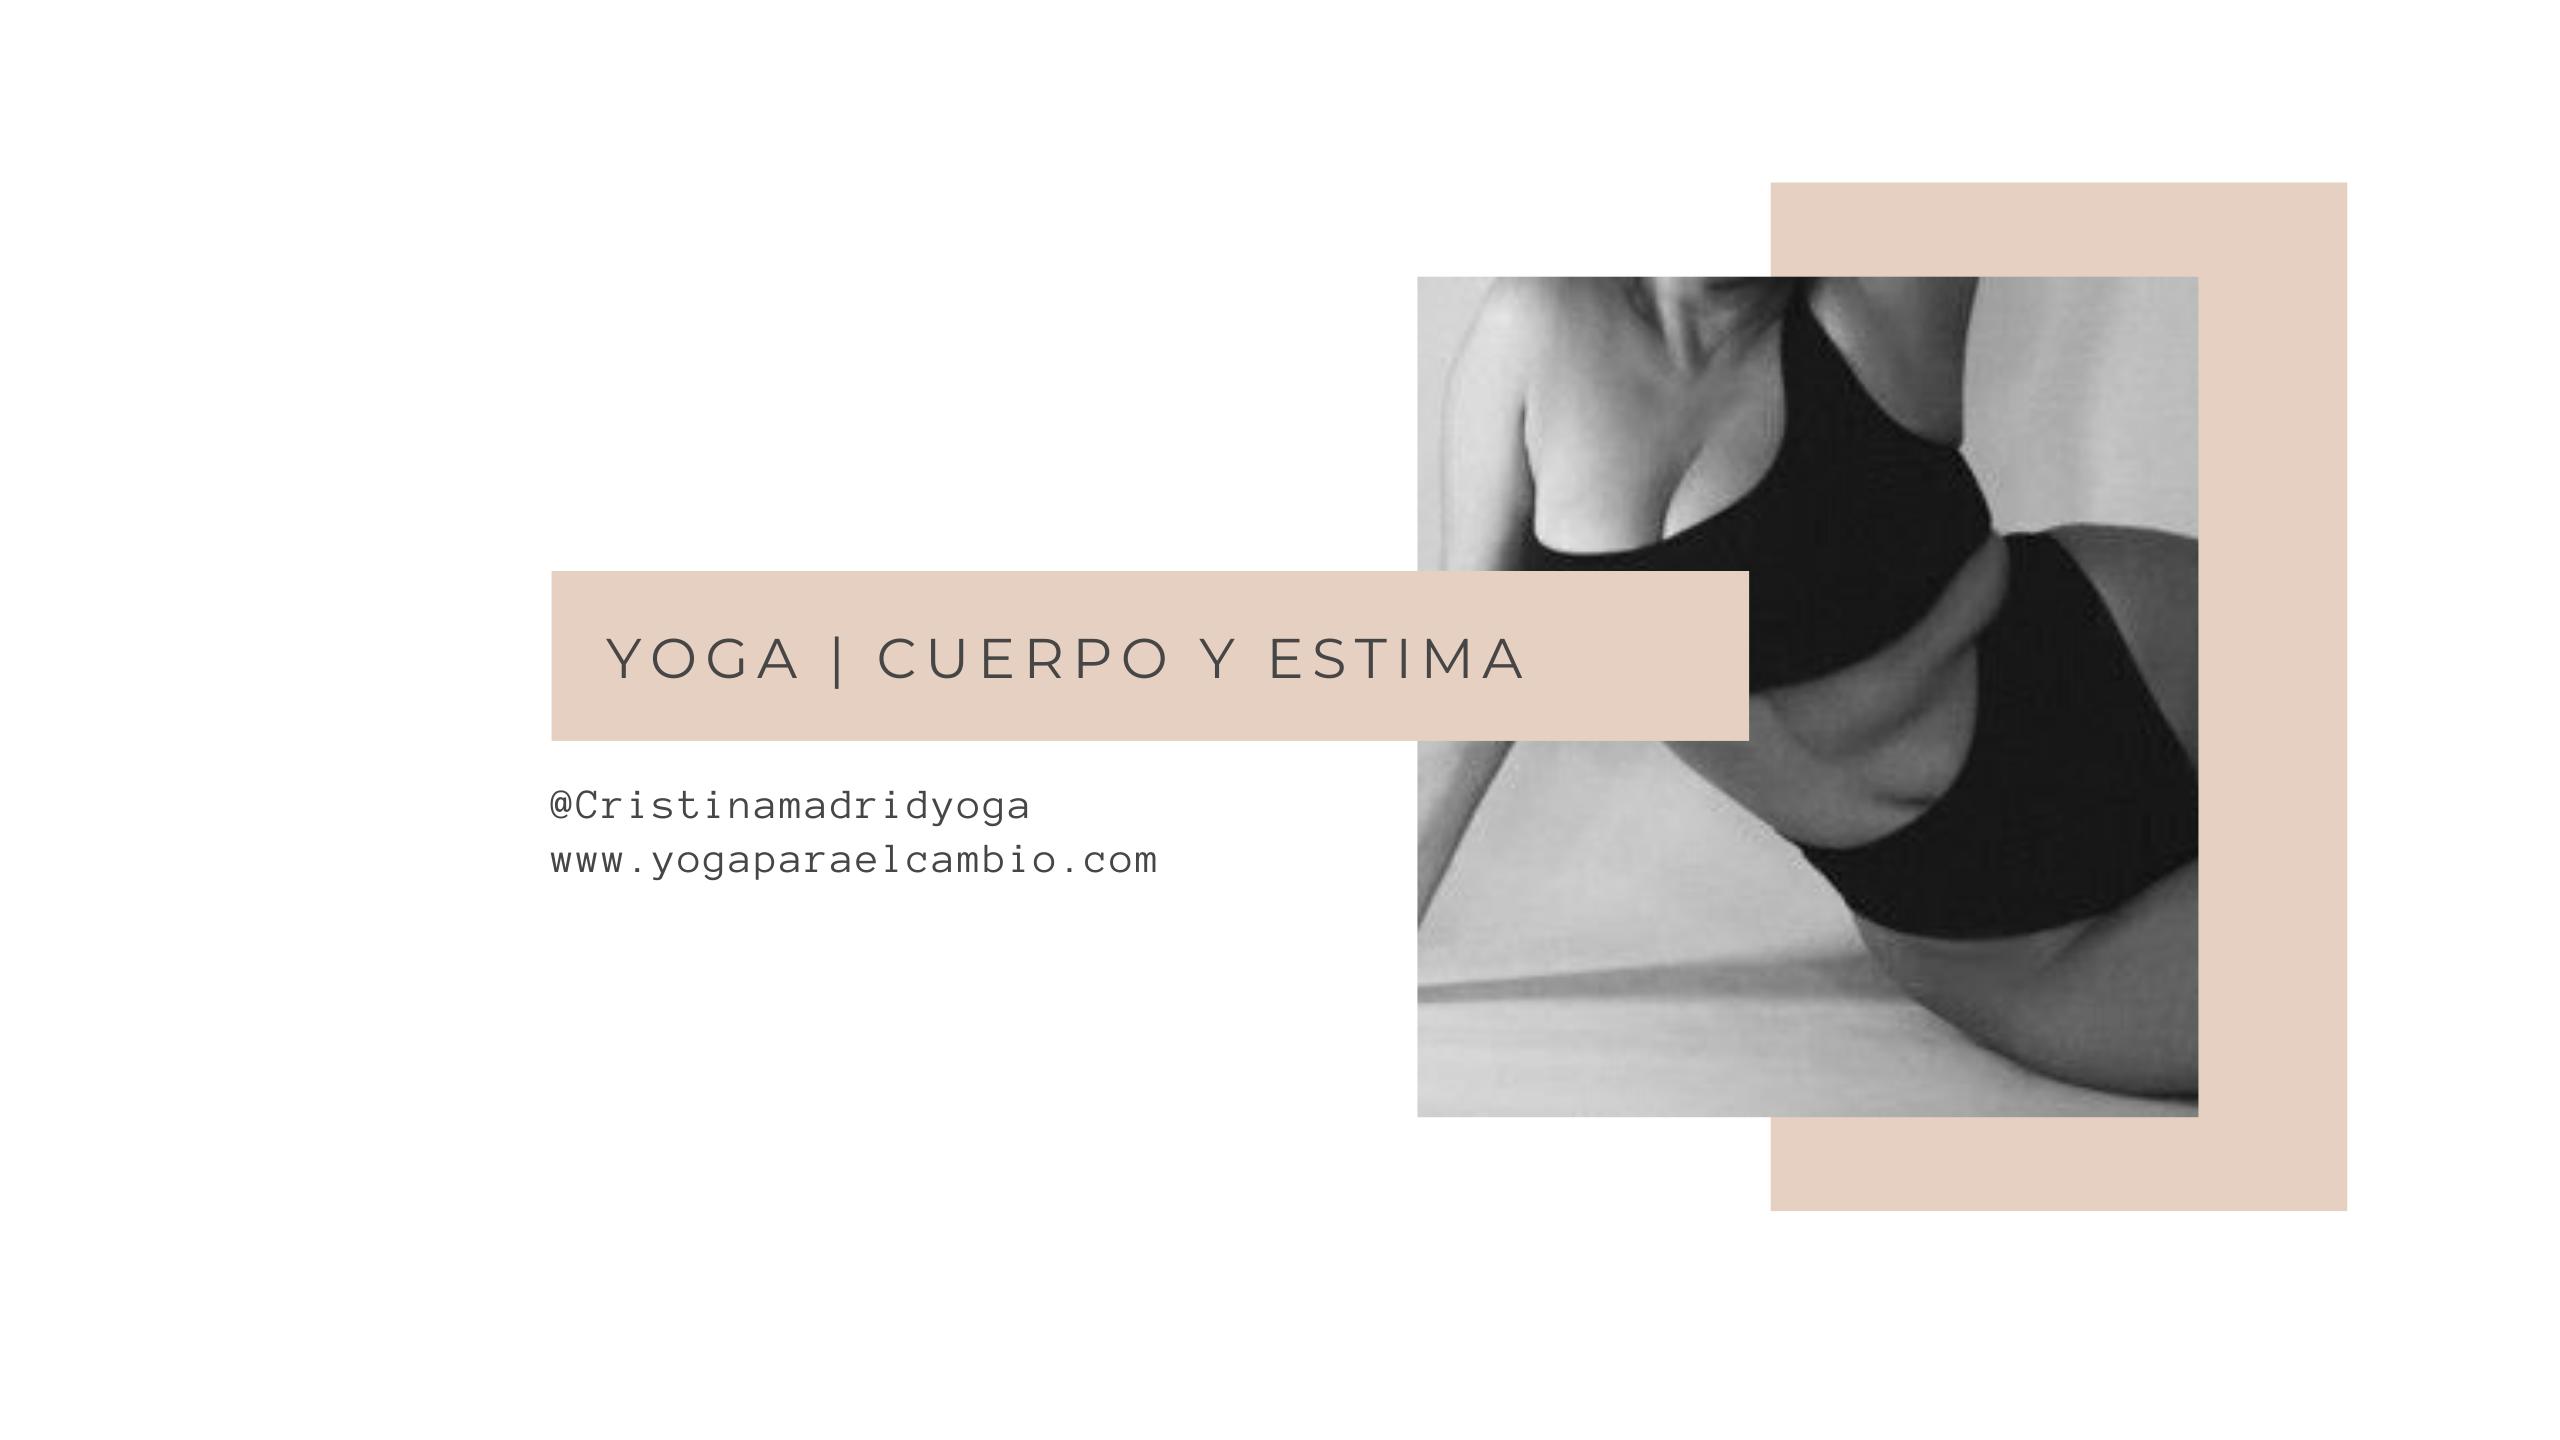 yoga cuerpo y estima